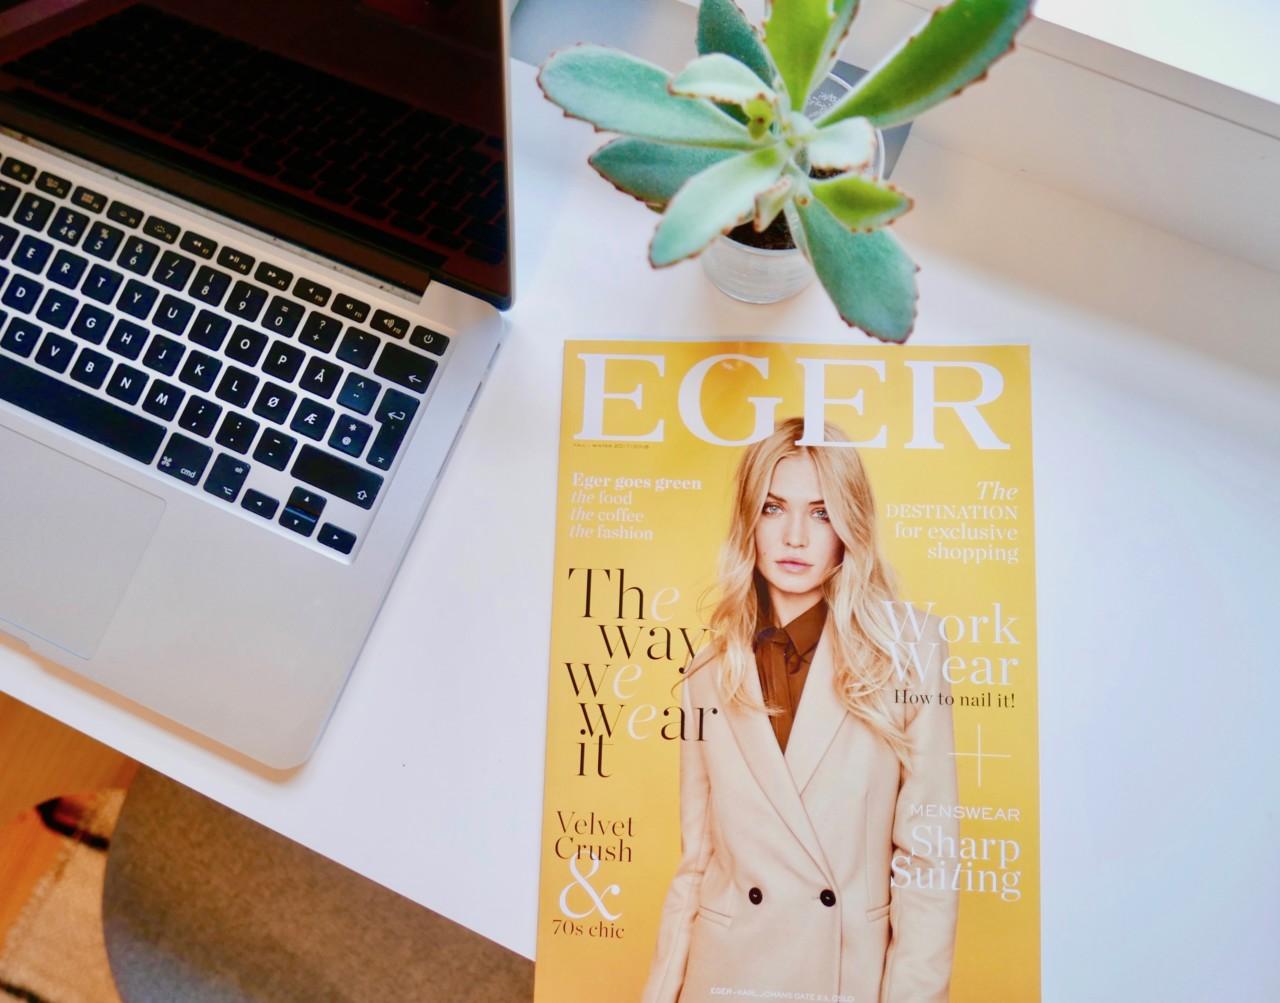 eger-magasinet-anja-stang-greenfluencer